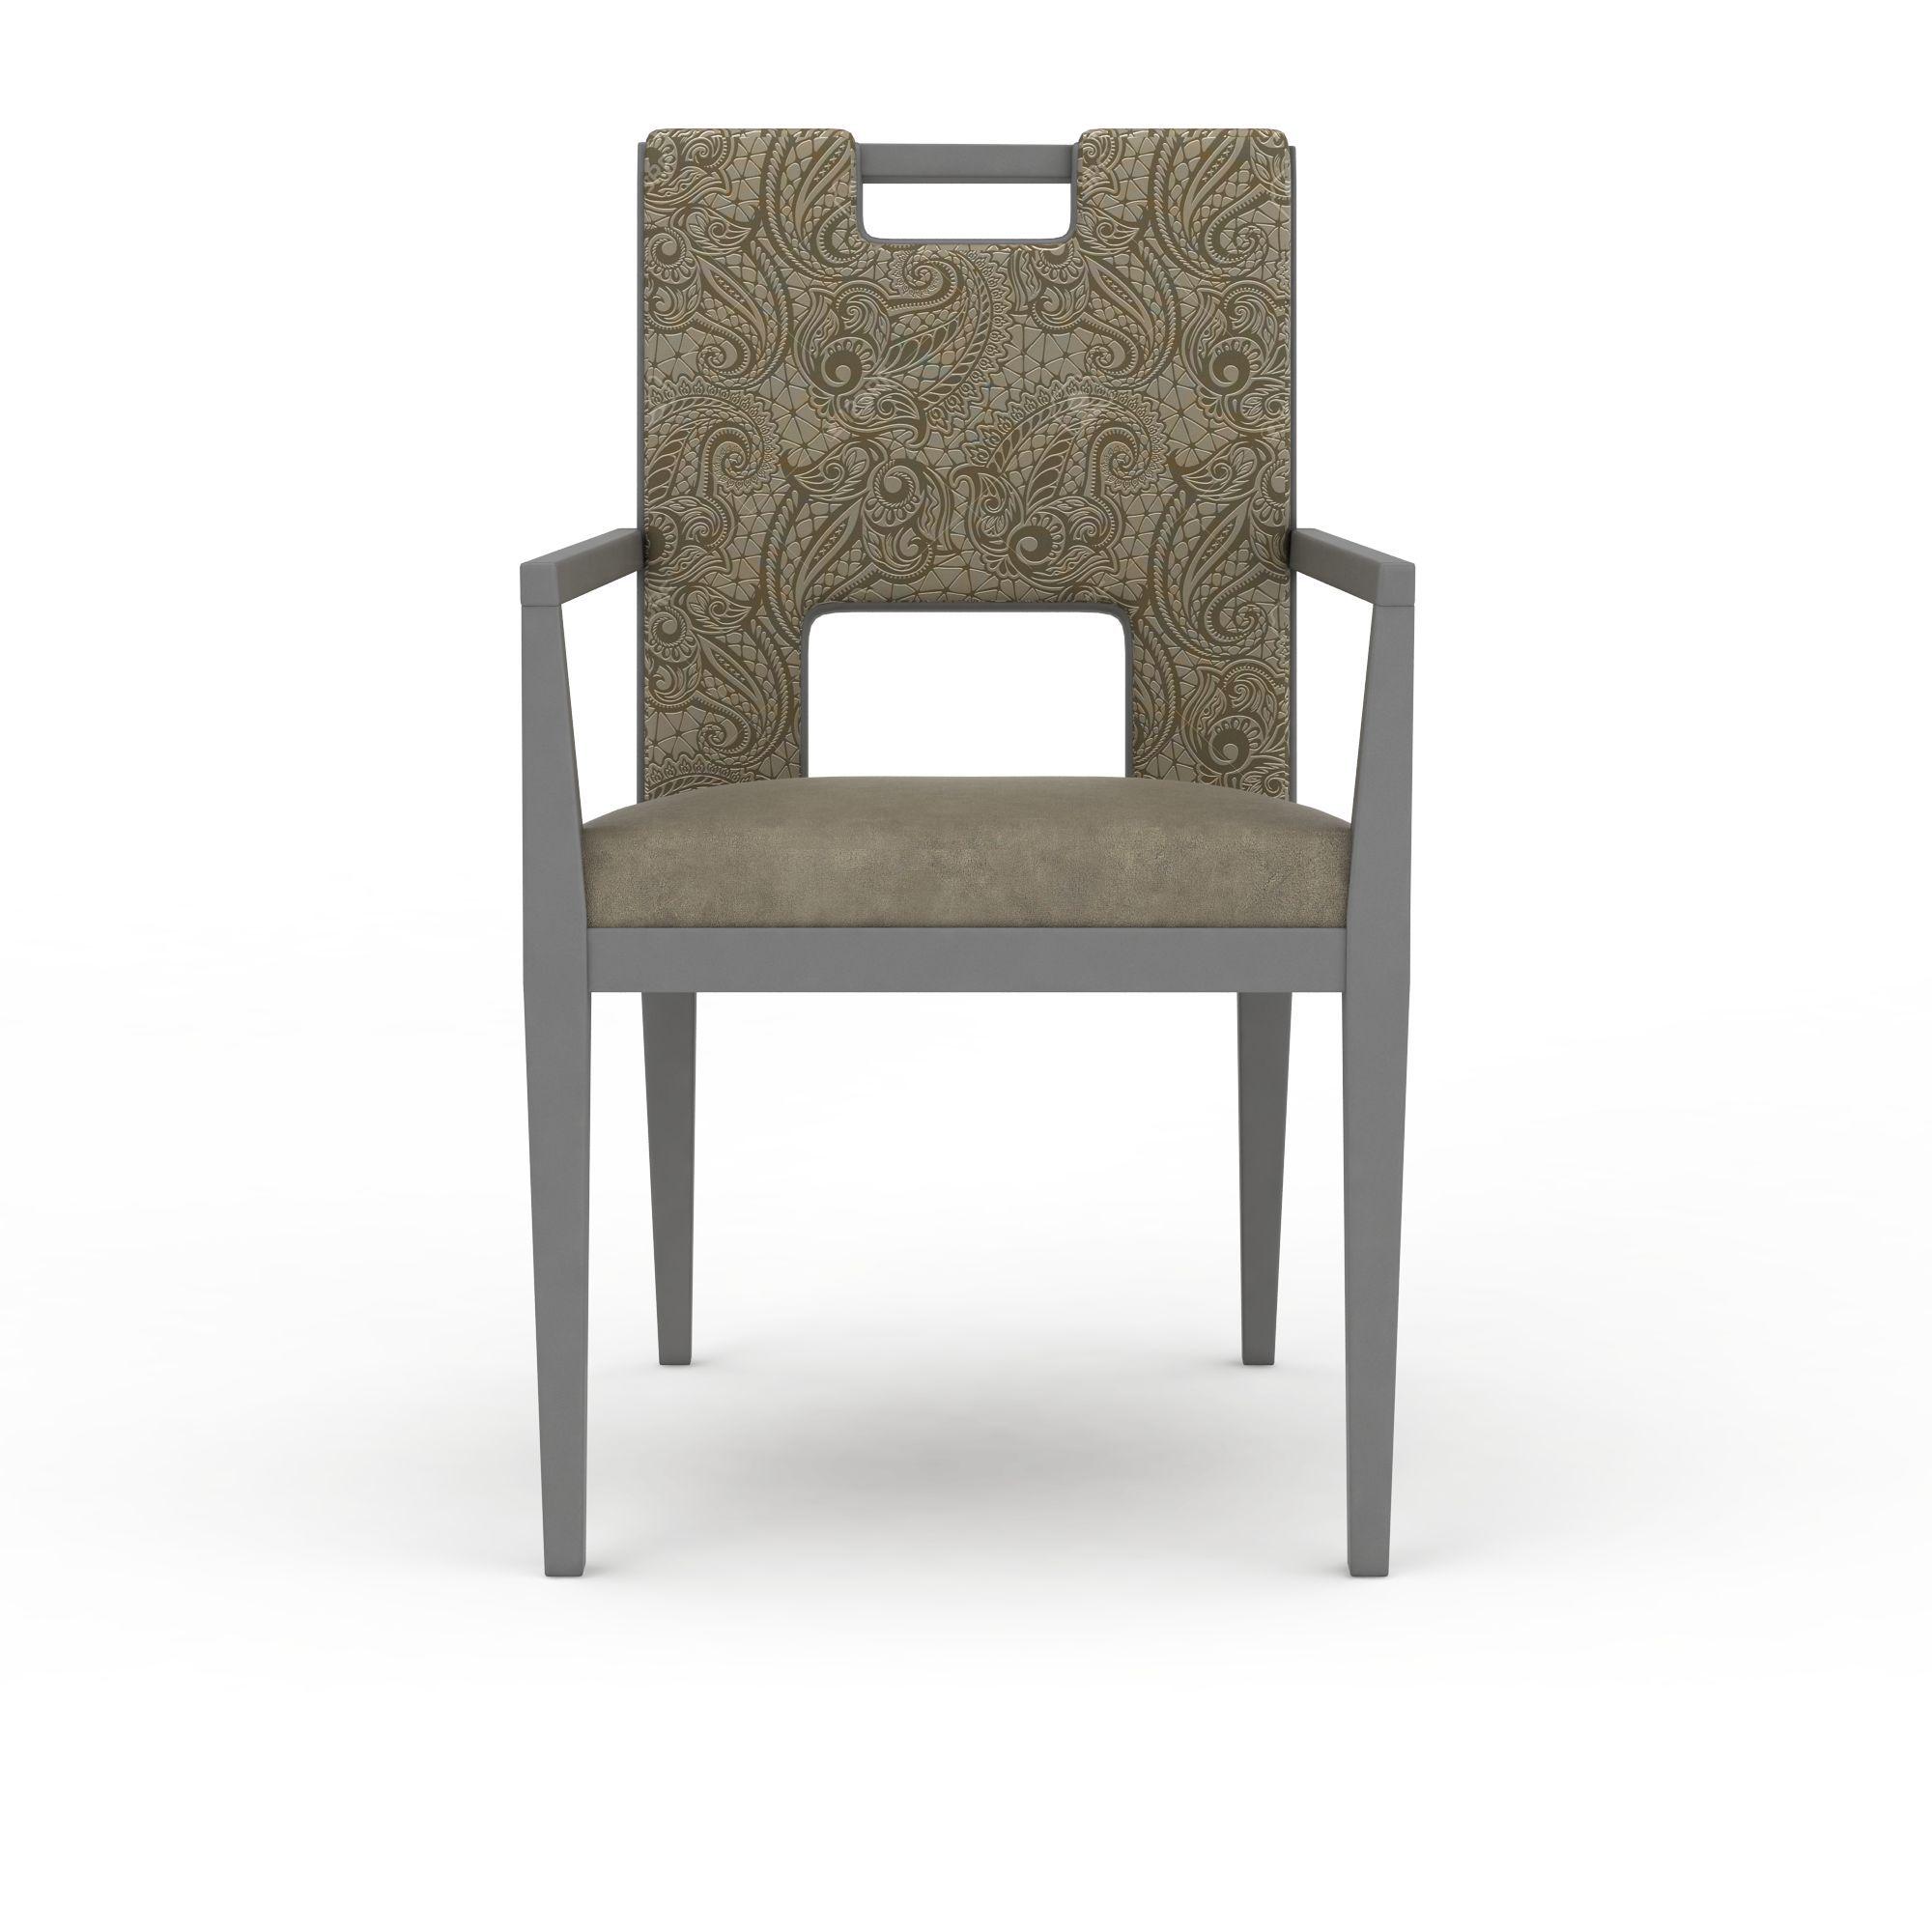 中式木质椅子png高清图  中式木质椅子高清图详情 设计师 3d学苑 模型